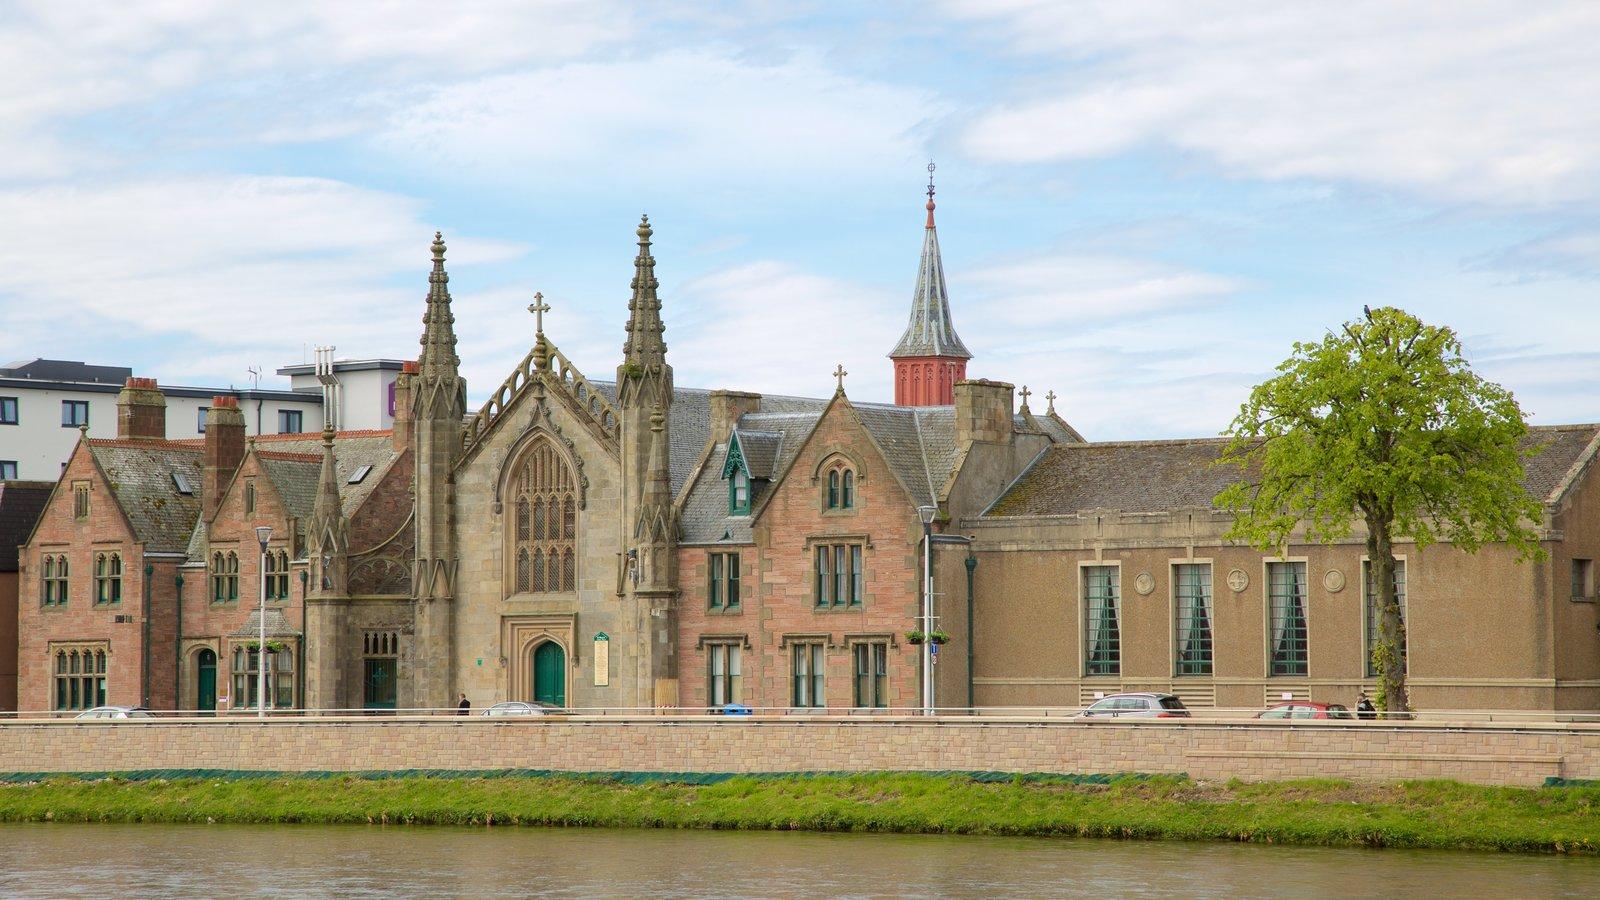 Inverness caracterizando arquitetura de patrimônio, elementos de patrimônio e um rio ou córrego